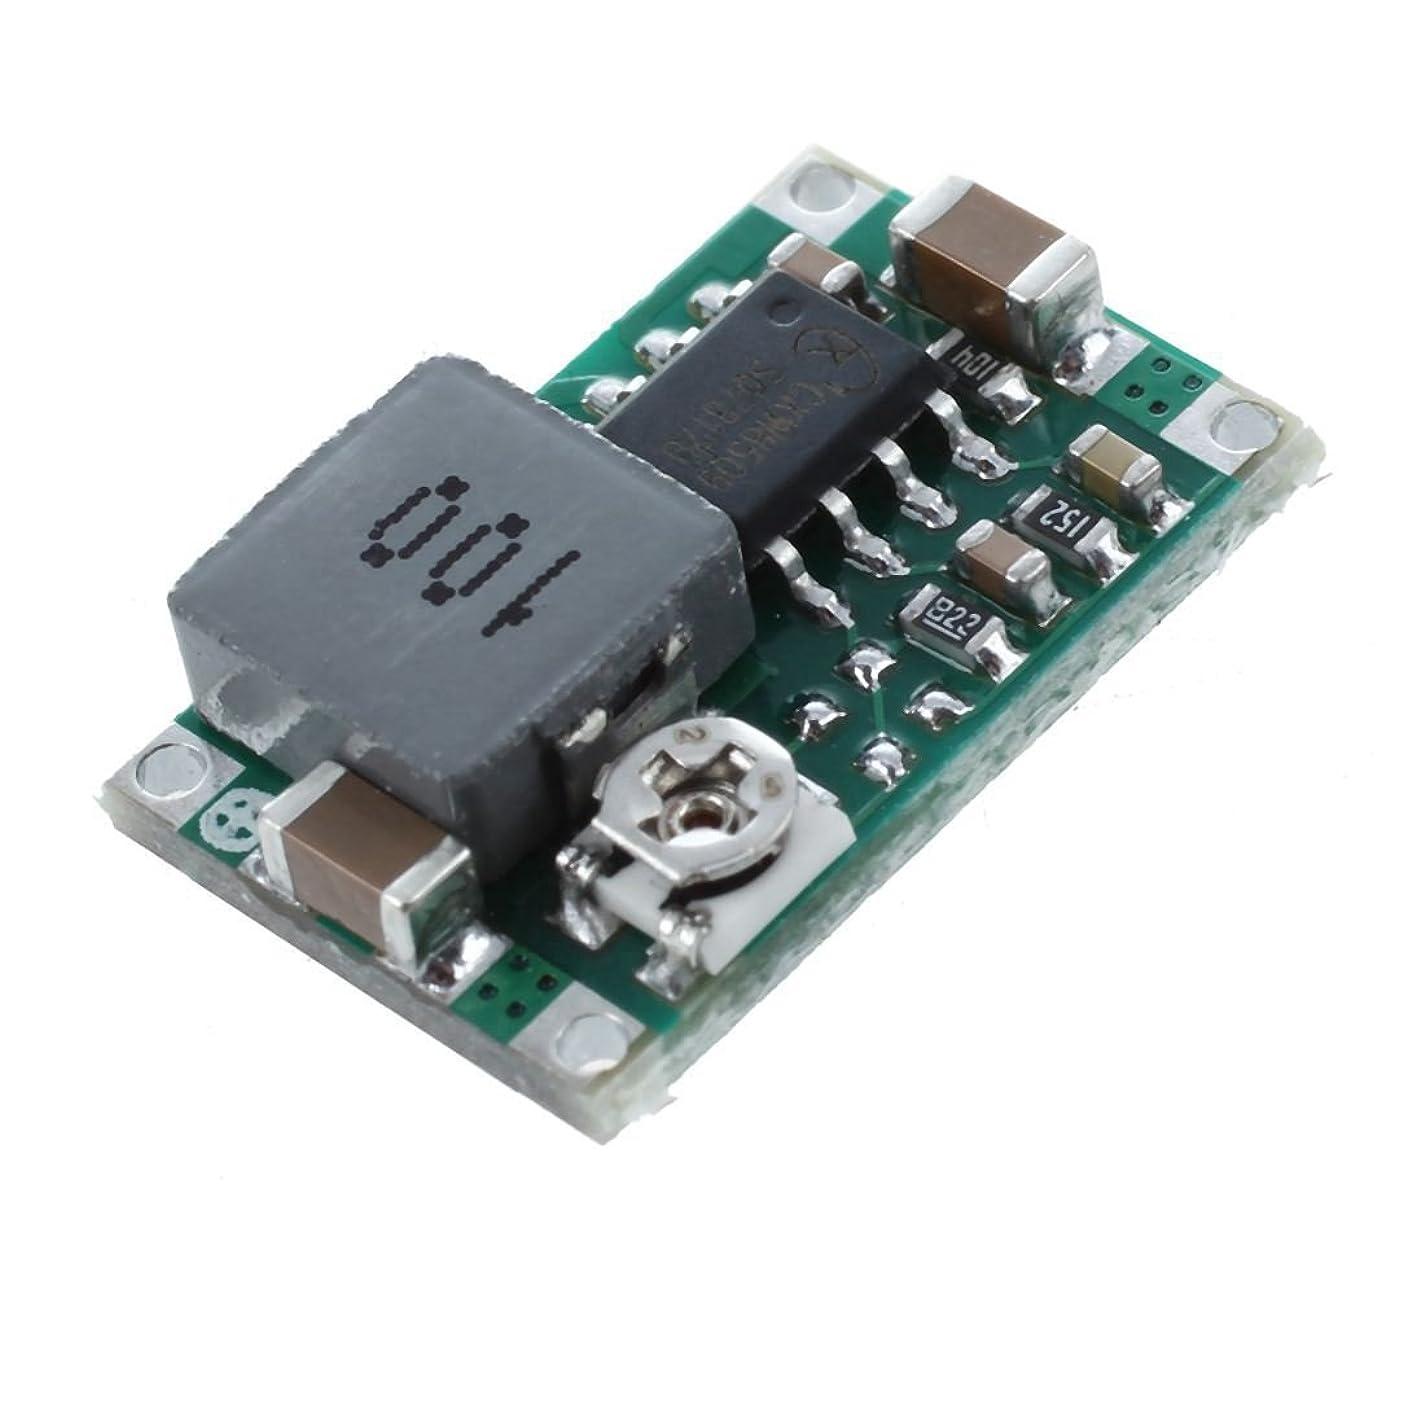 擬人化そのような異常なNrpfell 5xミニDC-DCコンバーター ステップダウンモジュール 調整できるパワー電源出力 1-17V